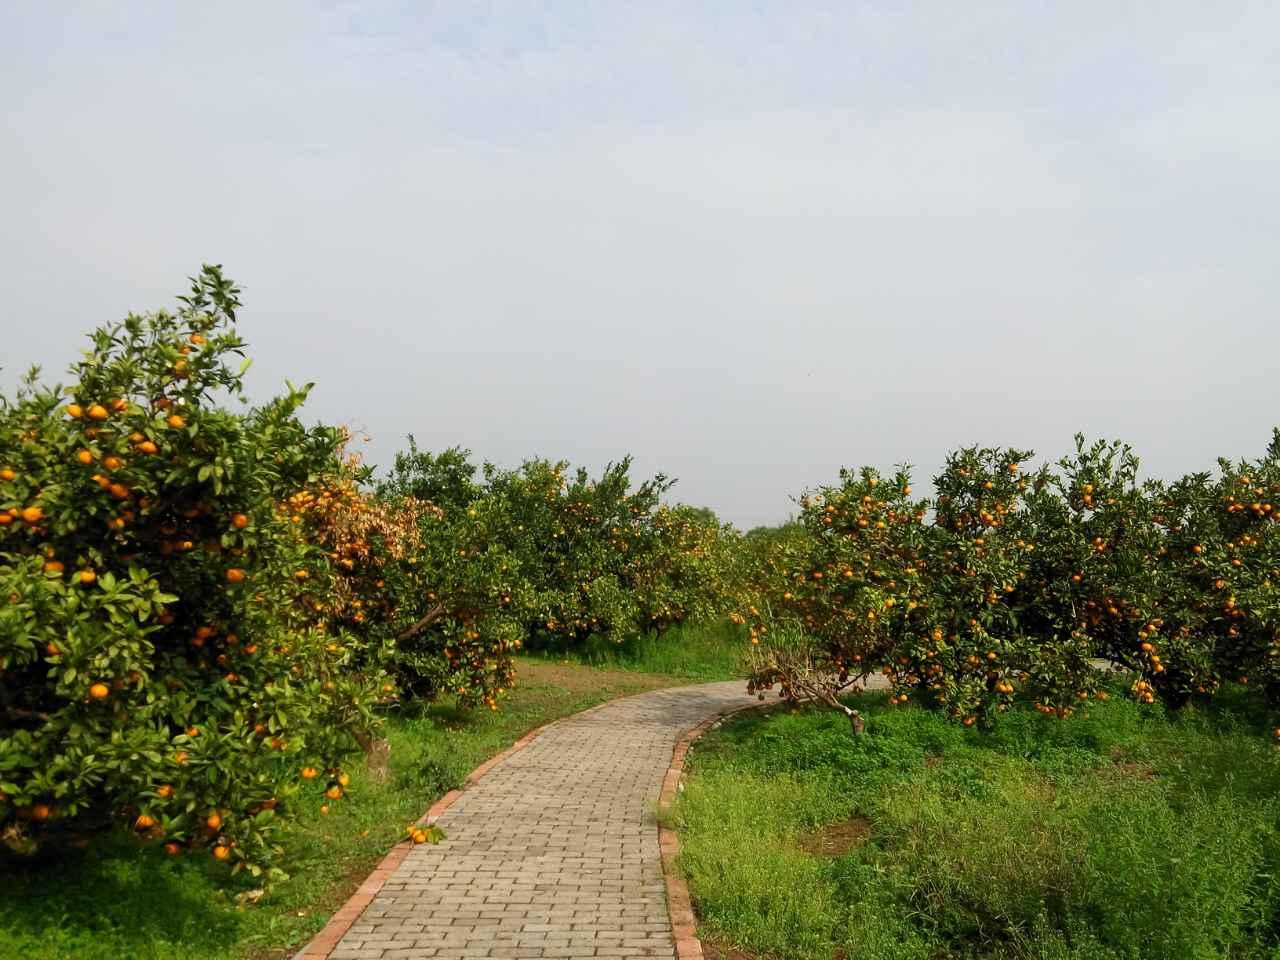 上海长兴岛桔园农庄农家乐 娱乐项目 拓展基地 桔子